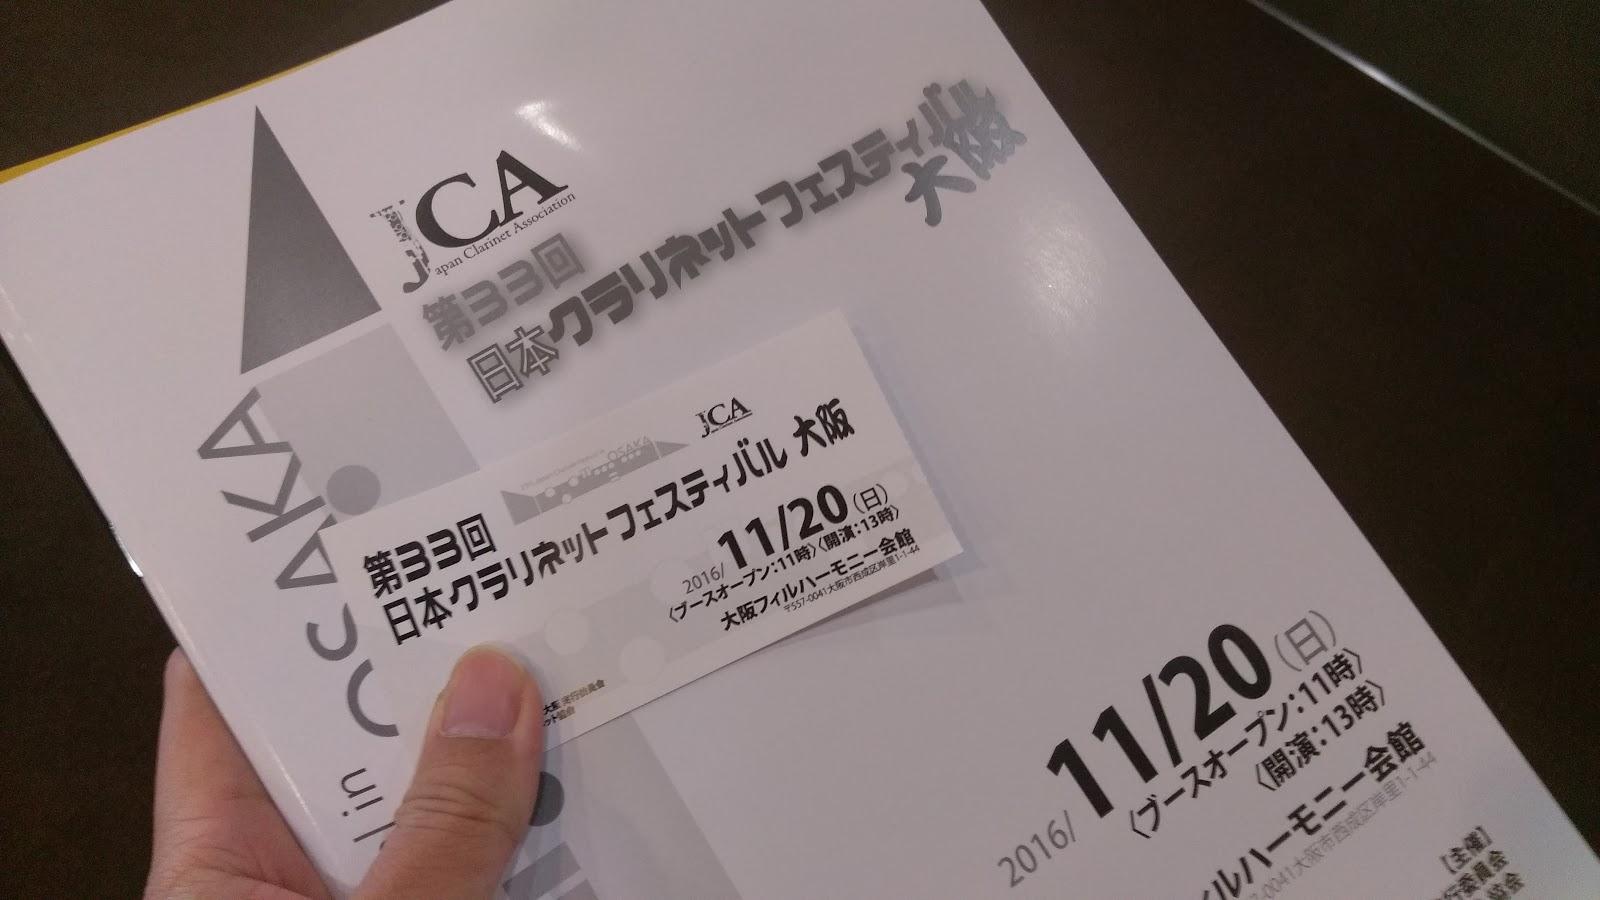 2016-11-20 12.00.58.jpg